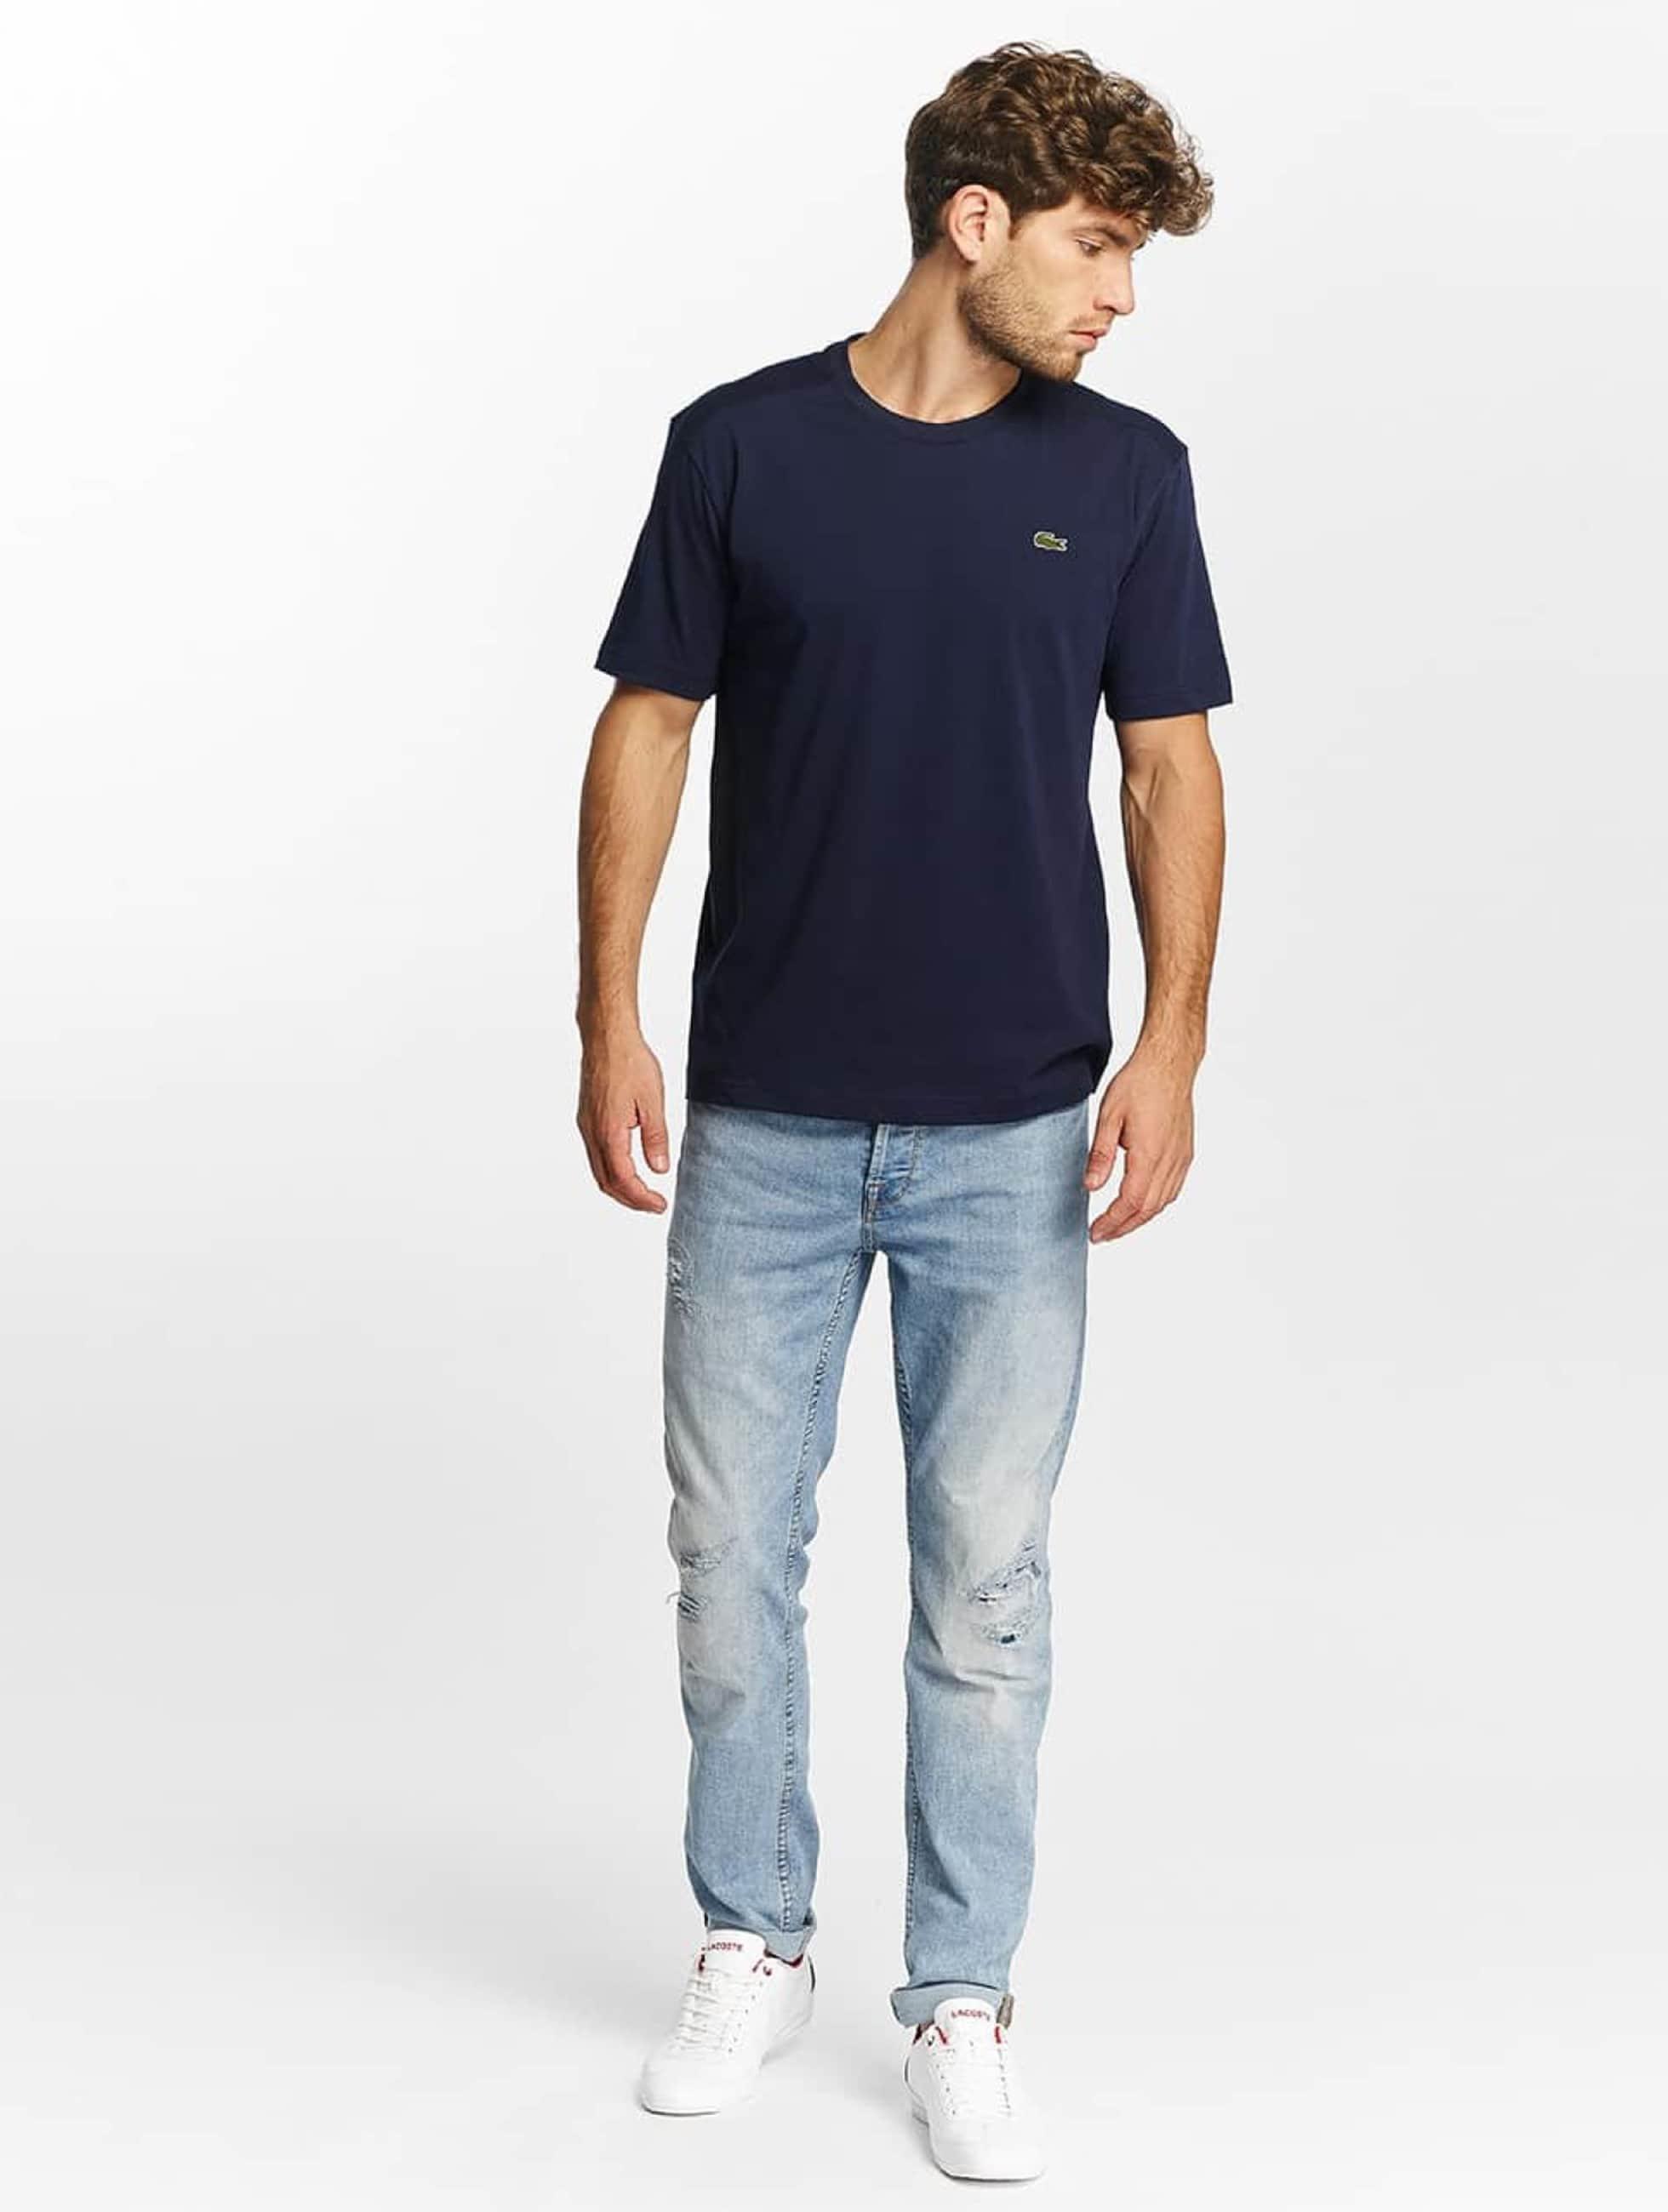 Lacoste Classic T-Shirt Clean blue